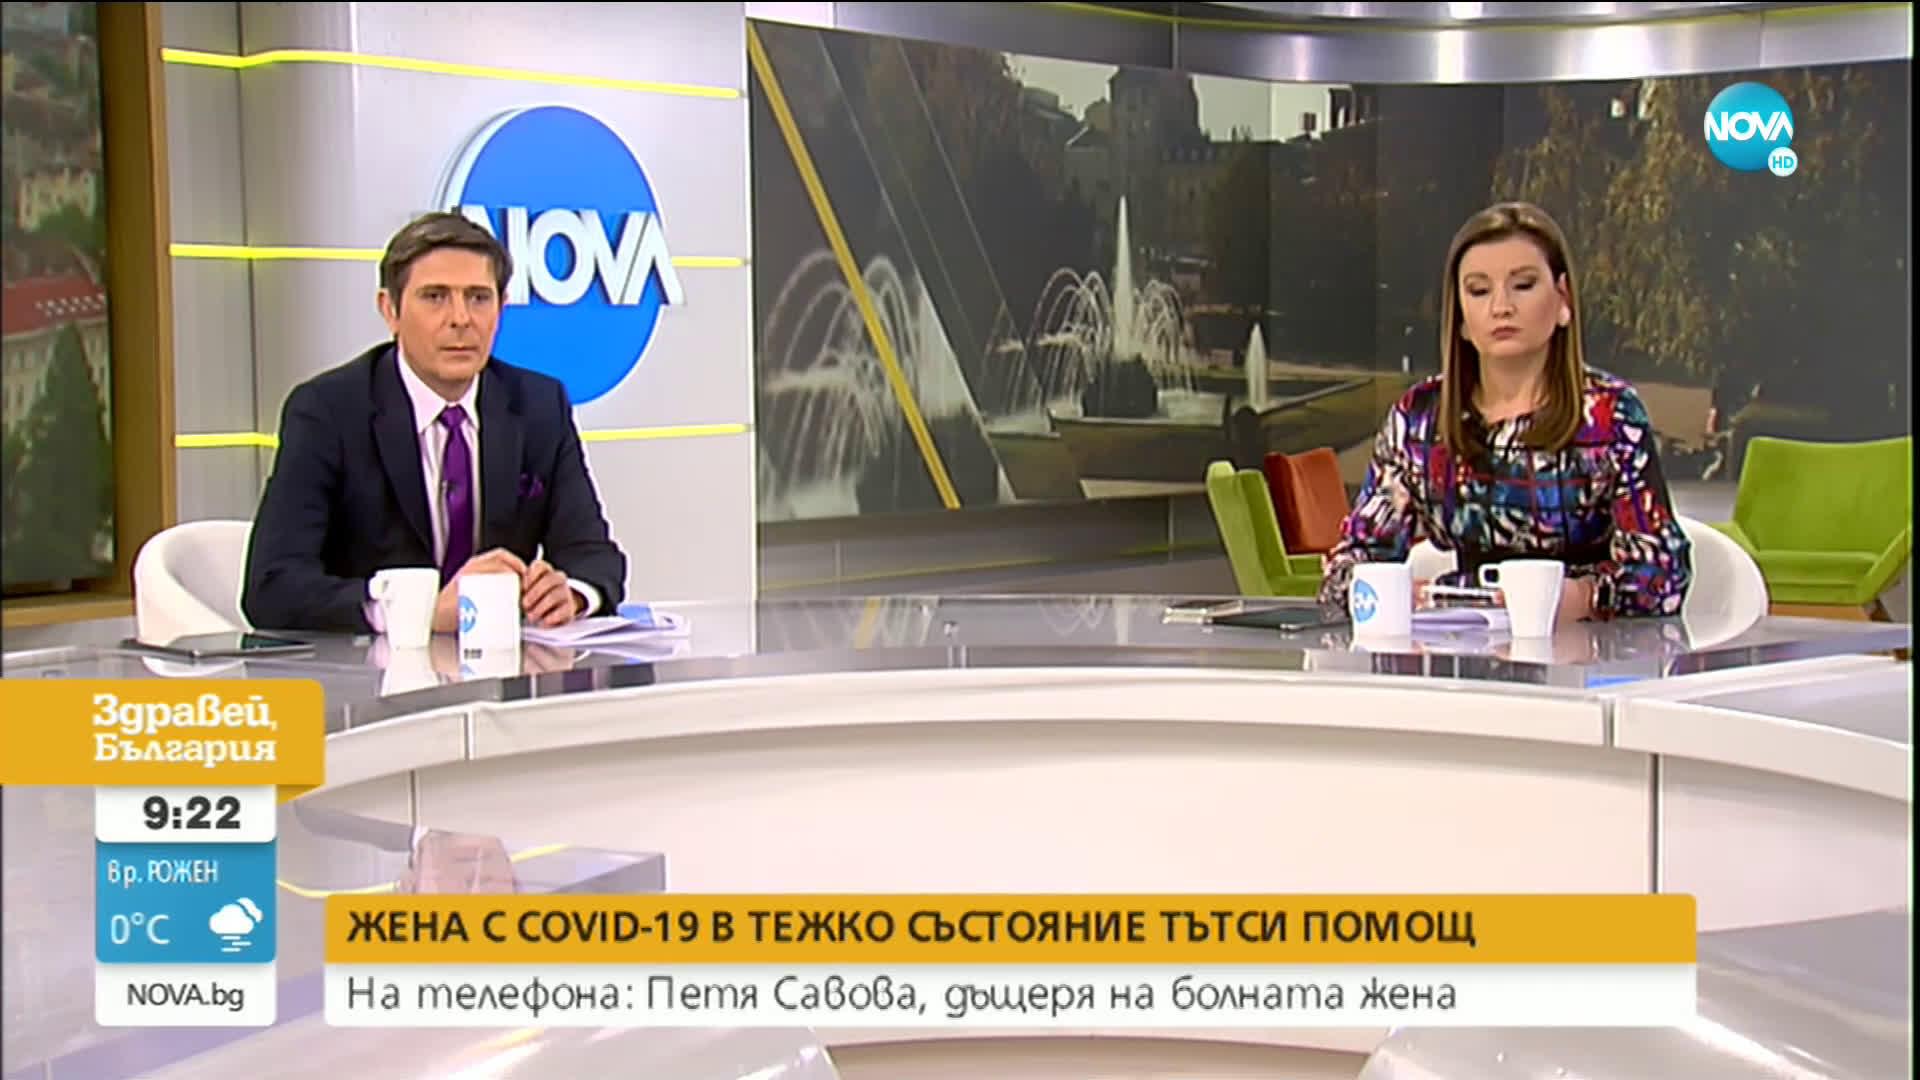 СИГНАЛ ДО NOVA: Отказват хоспитализация на възрастна жена с COVID-19 в тежко състояние